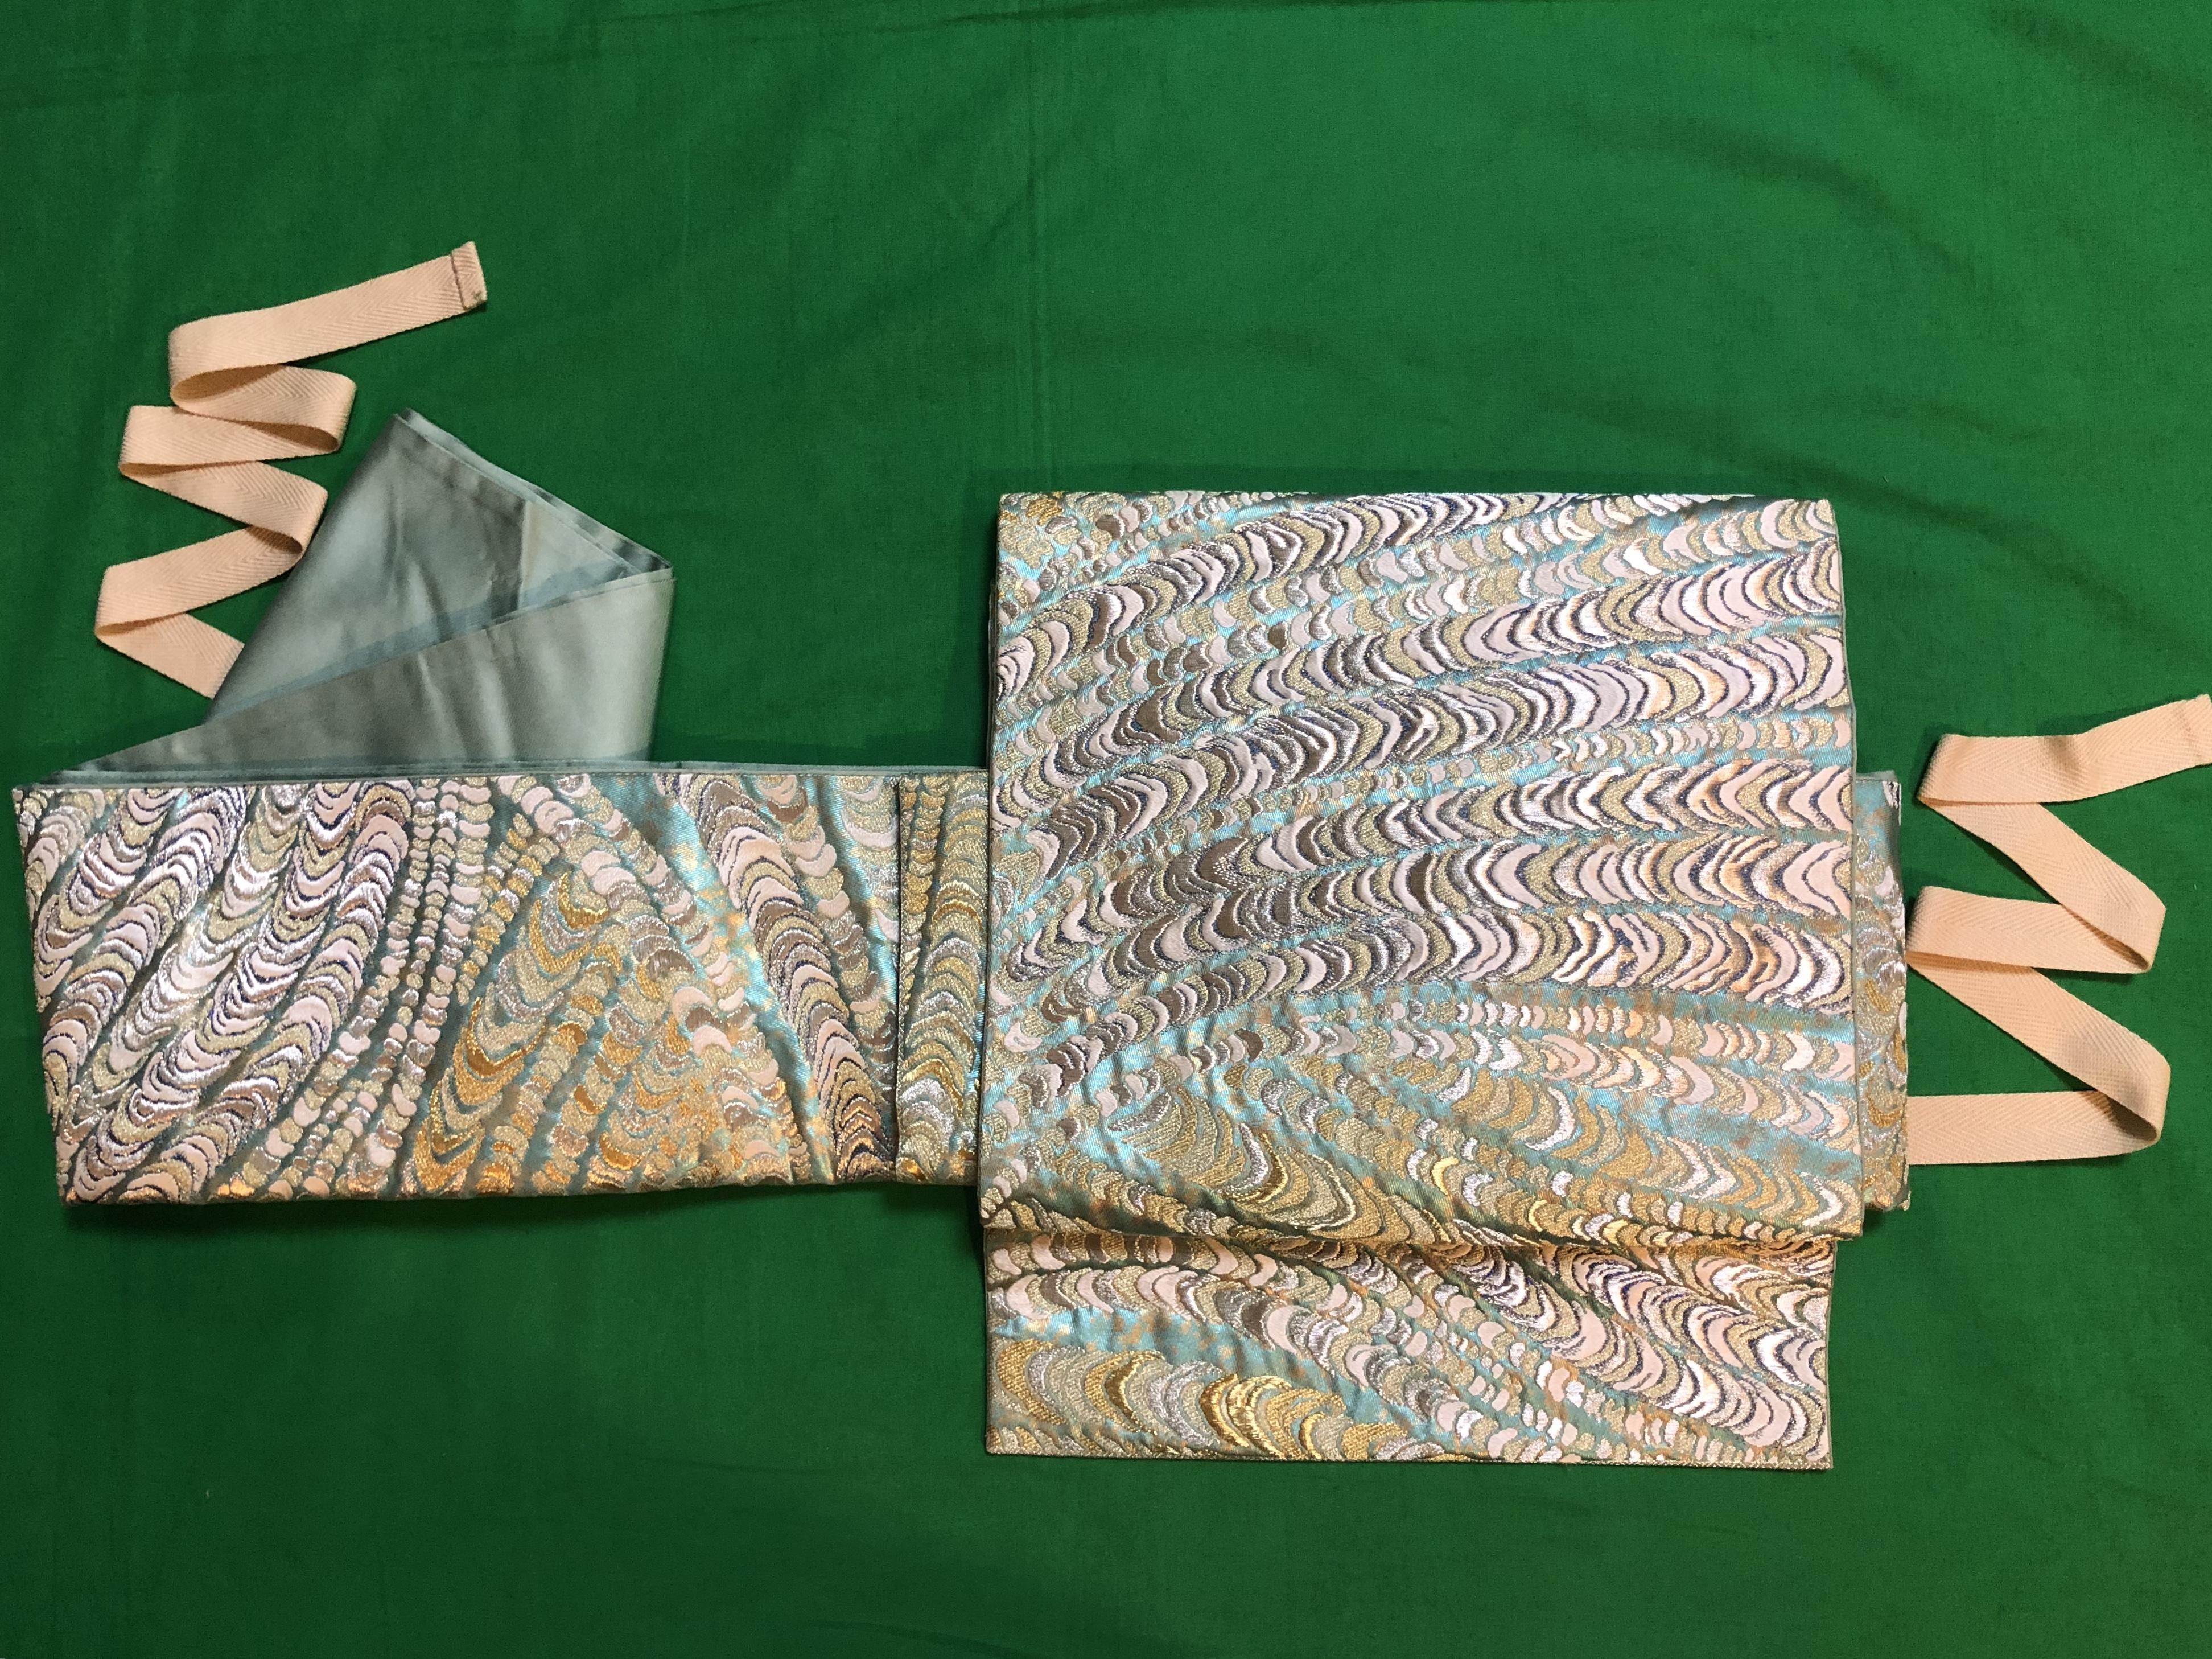 刺繍の袋帯を作り帯にしました。